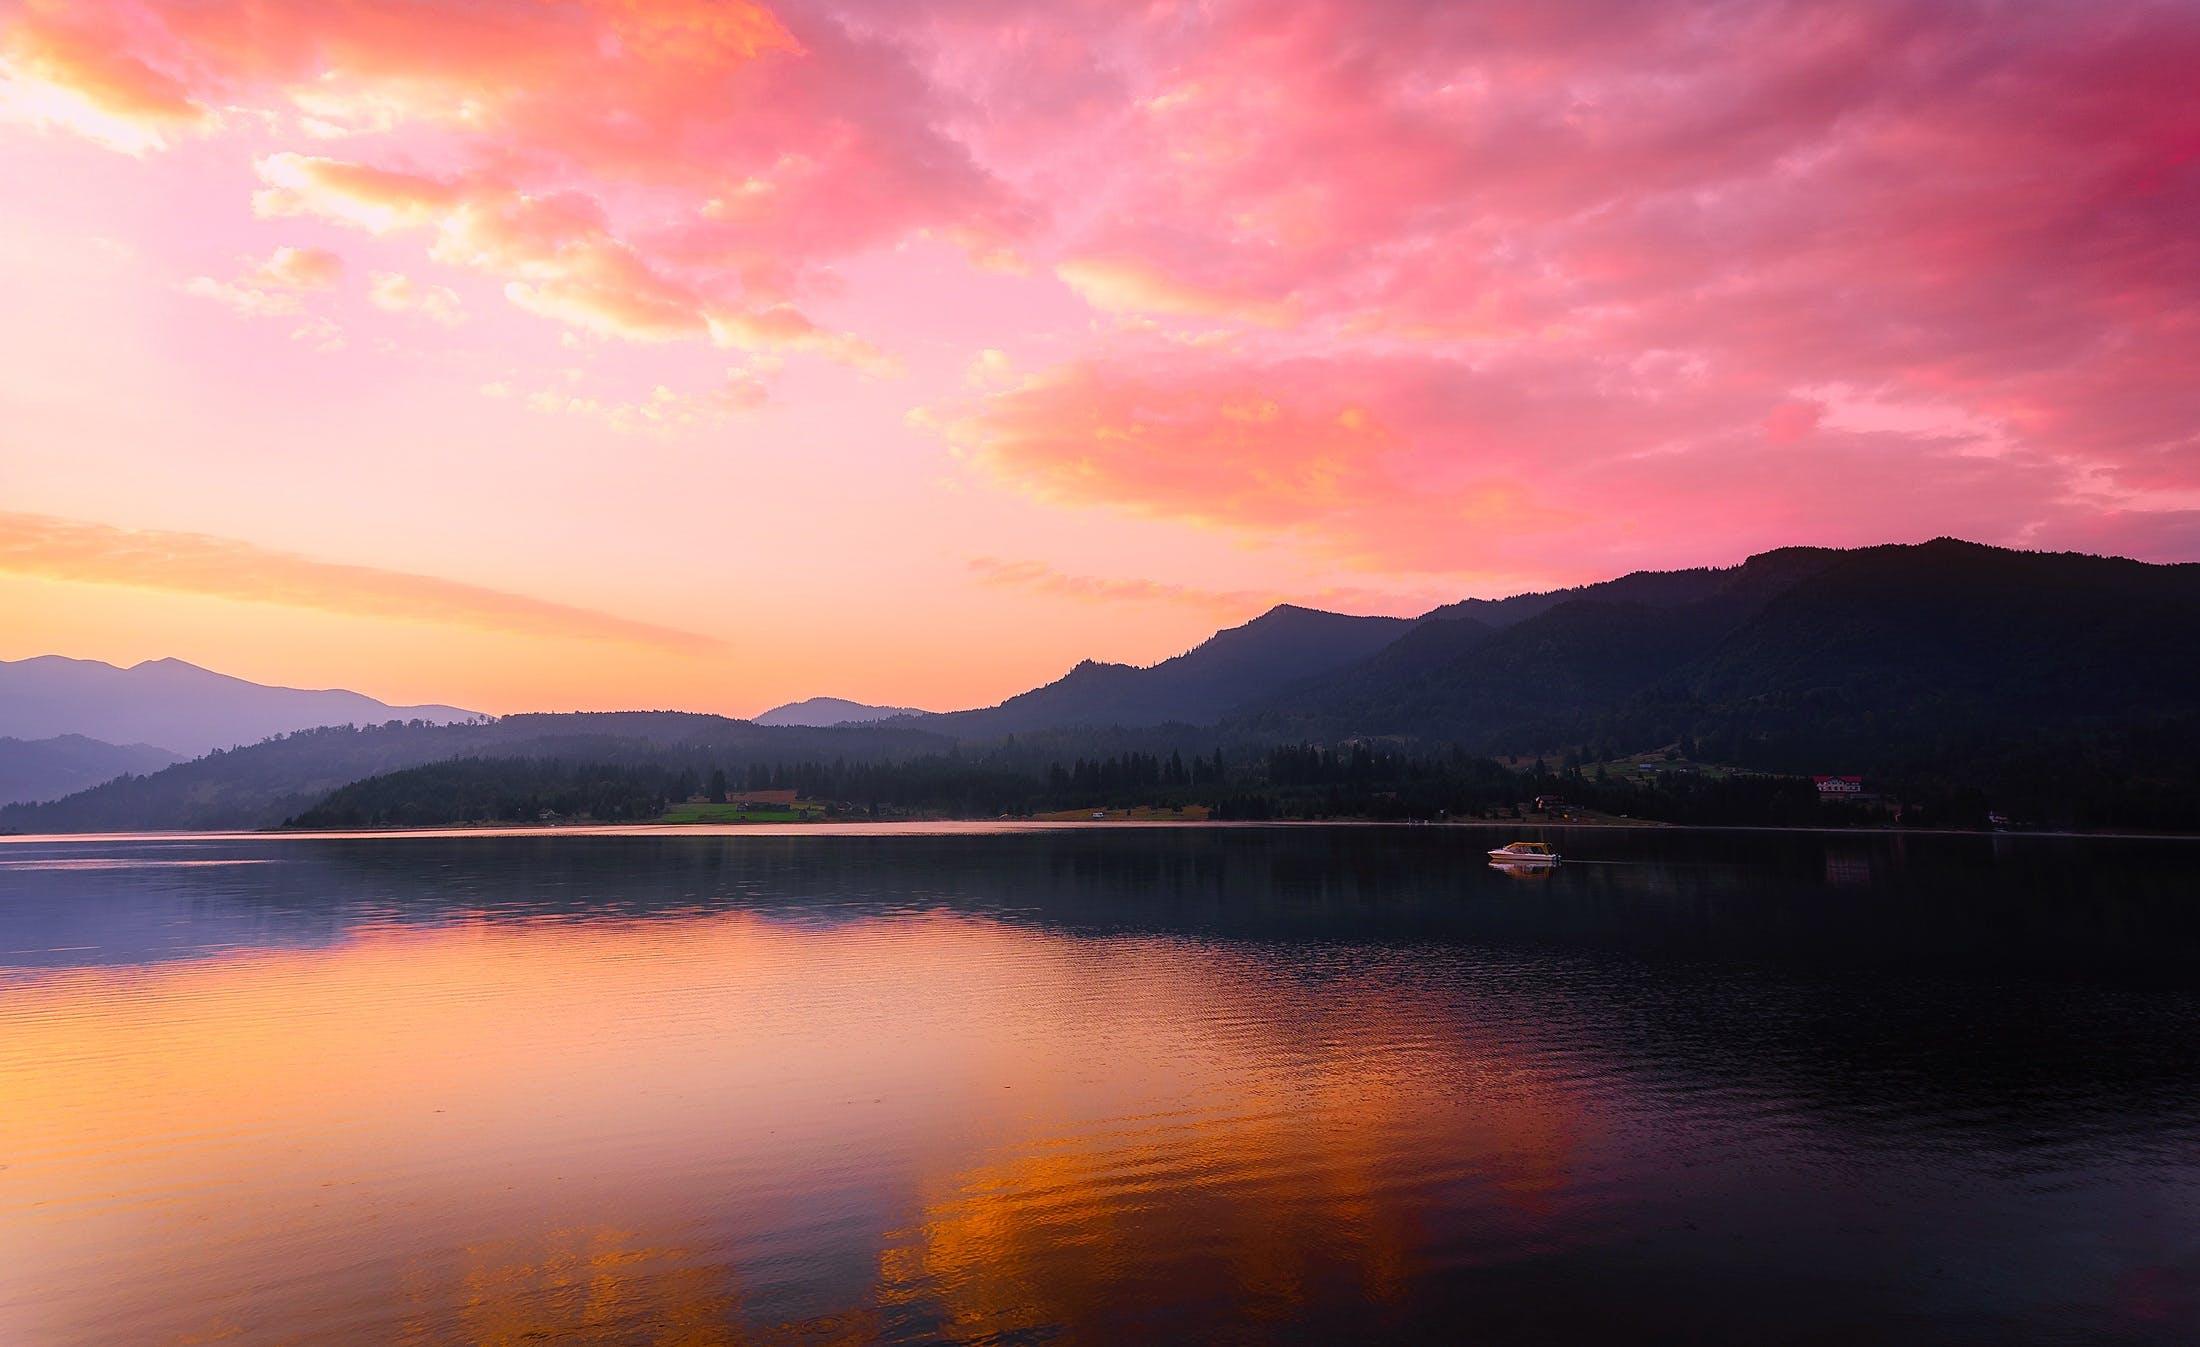 ağaçlar, akşam, bulutlar, dağlar içeren Ücretsiz stok fotoğraf